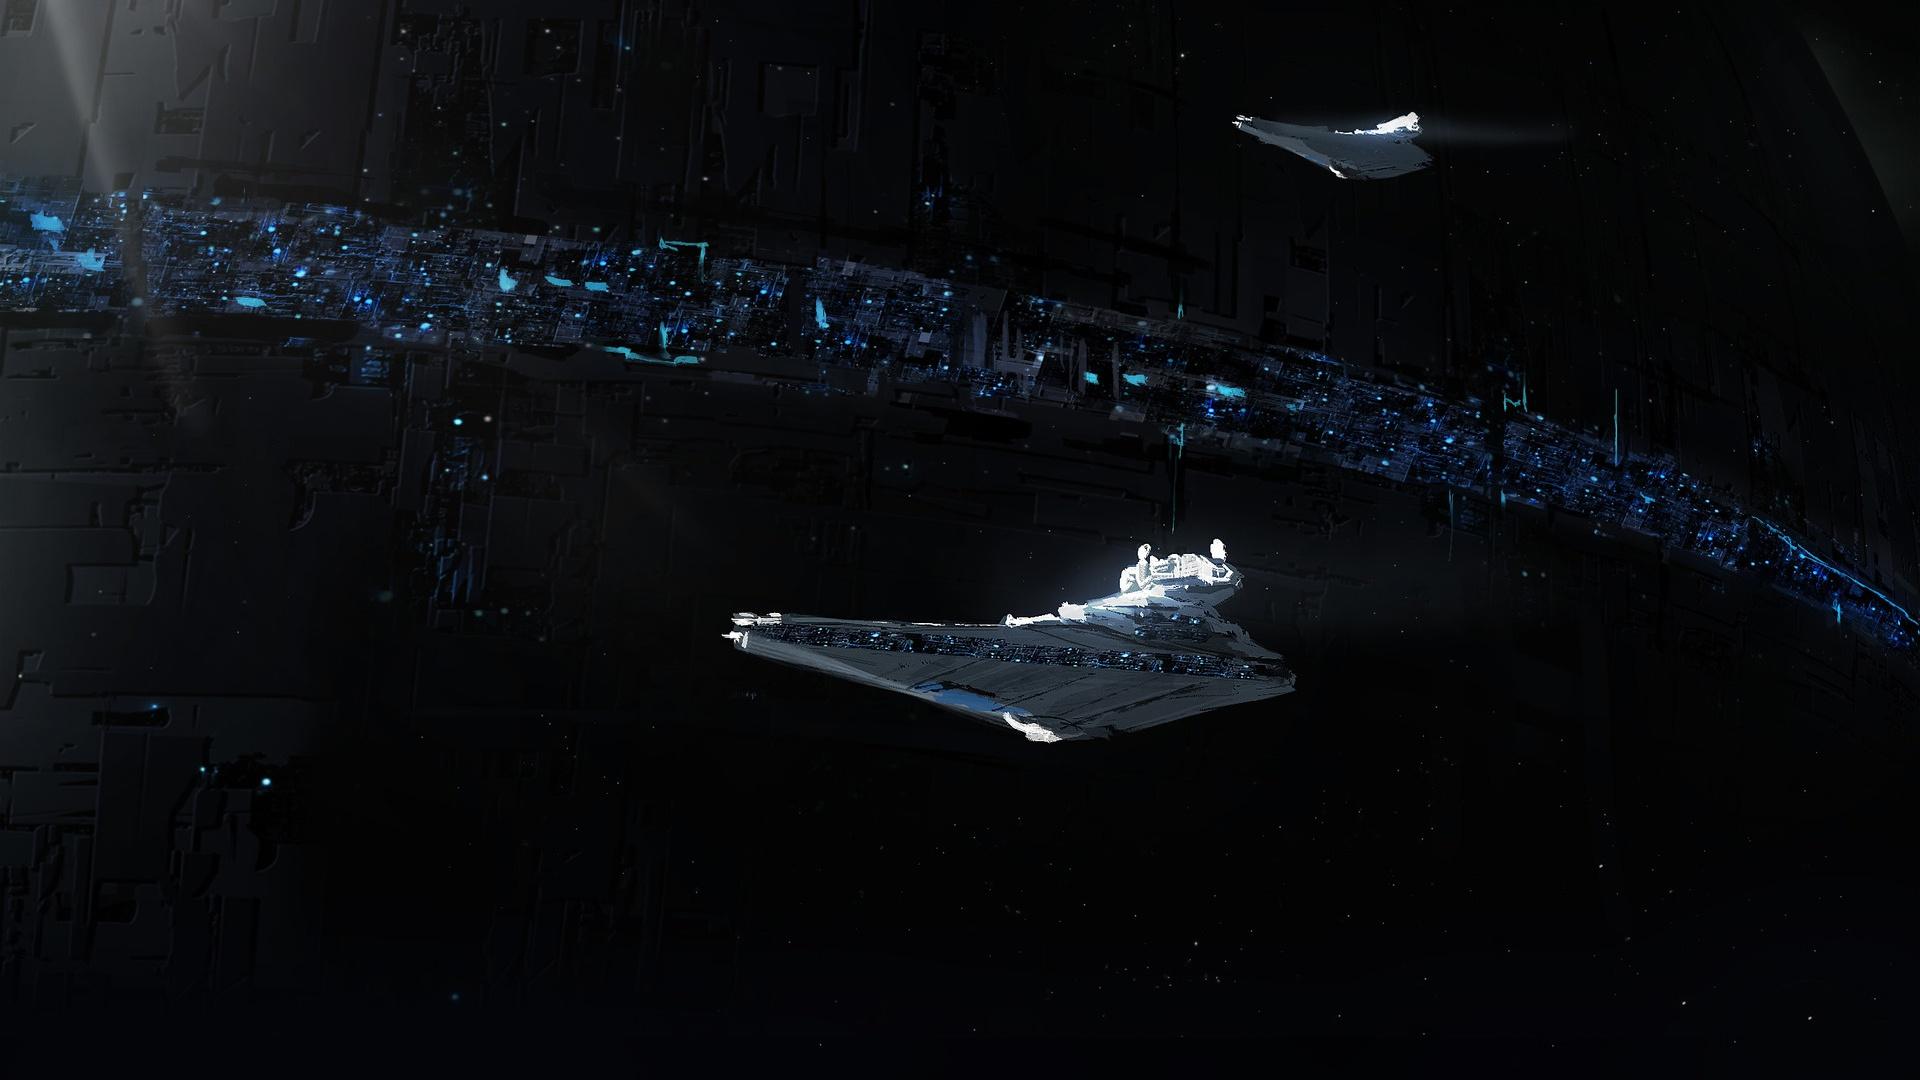 Spaceship Star Destroyer 1920x1080